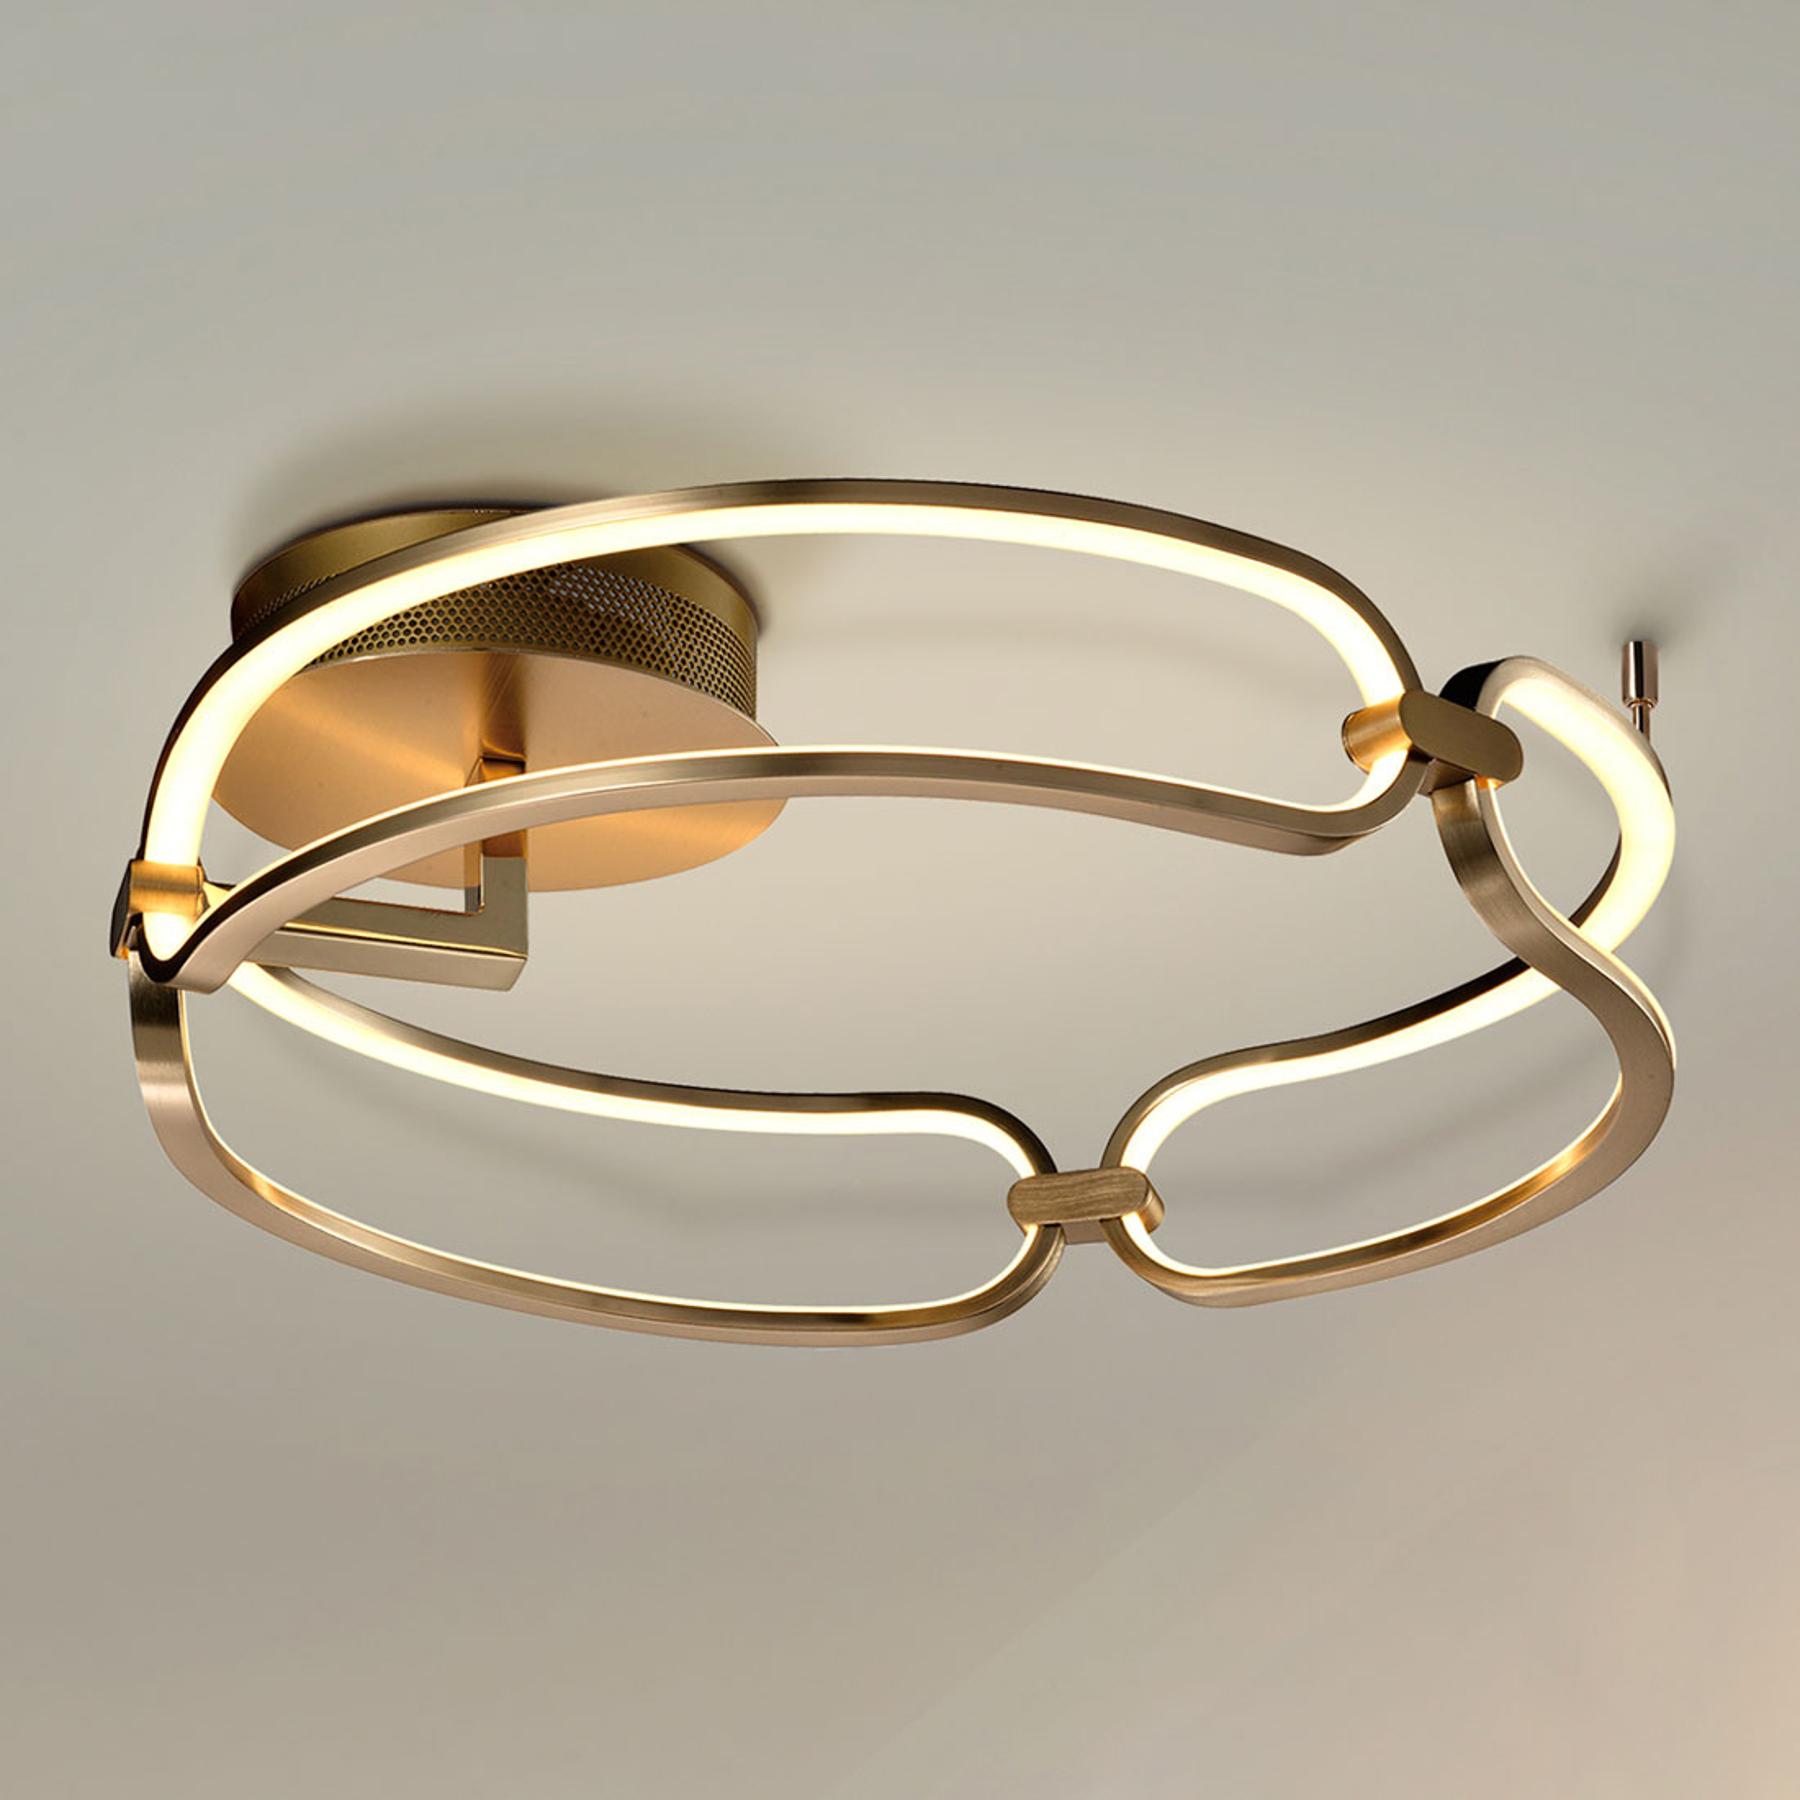 Lampa sufitowa LED Colette 3-punktowa różowe złoto